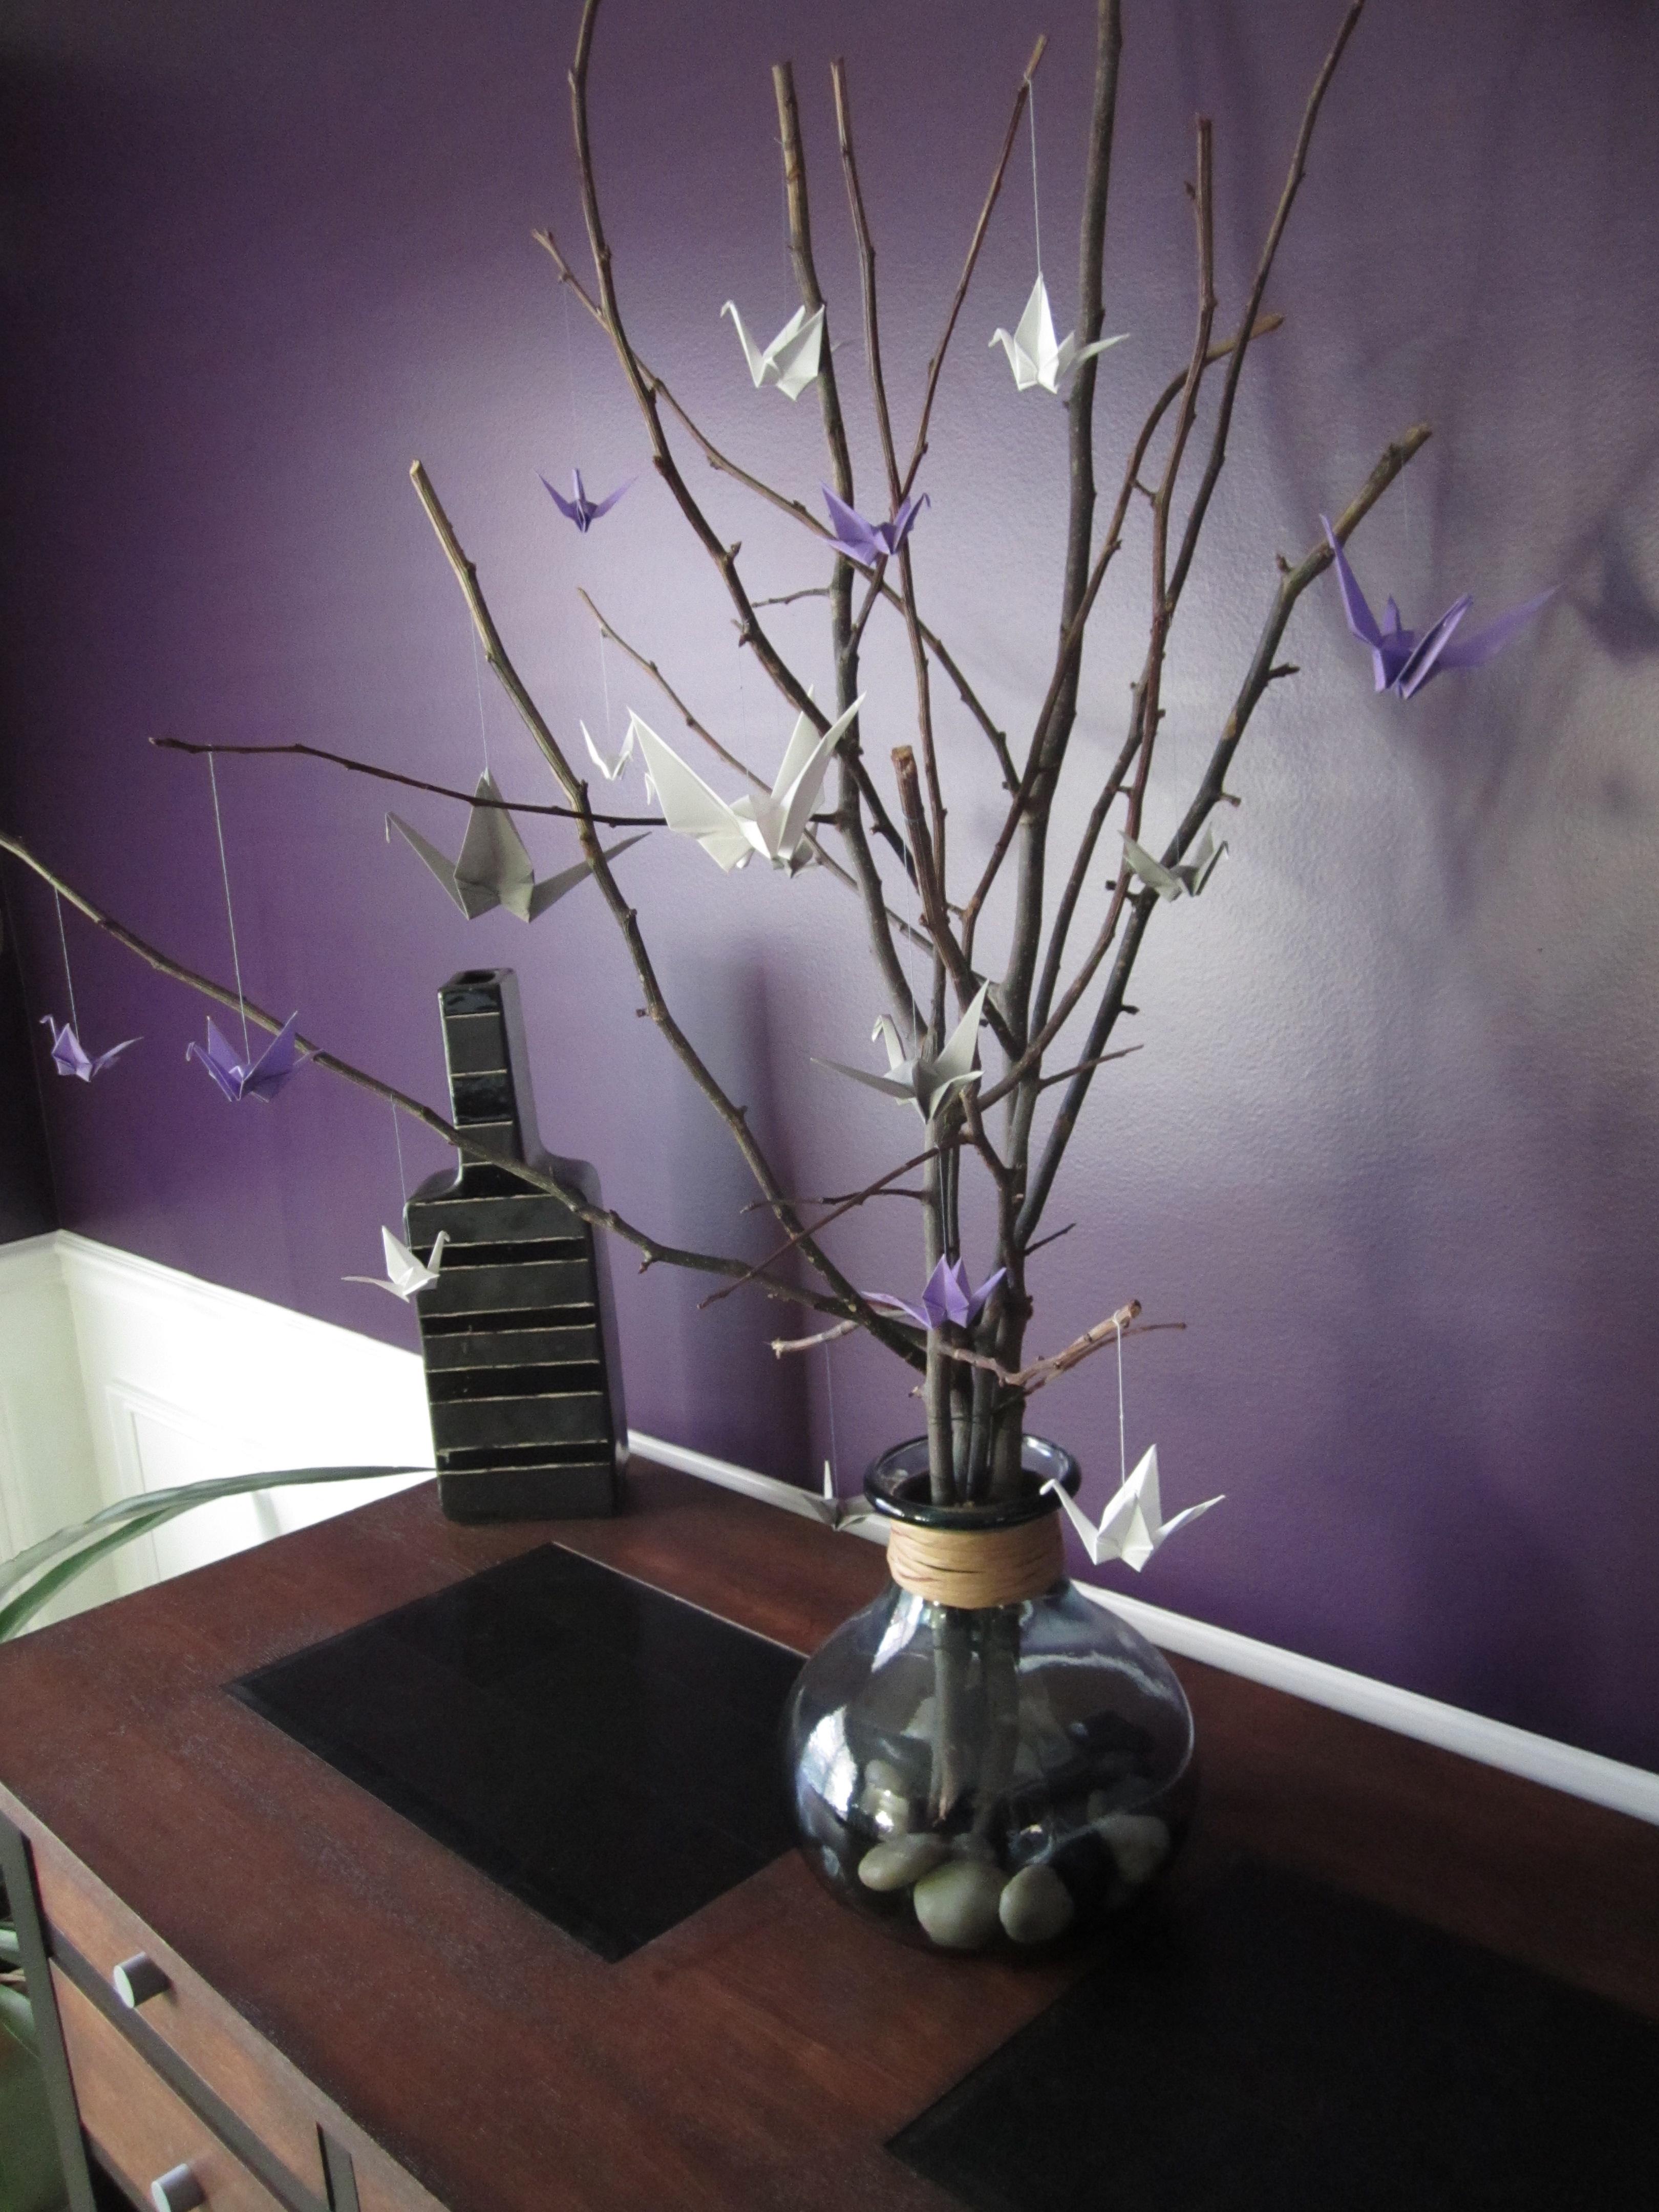 The Crane Tree